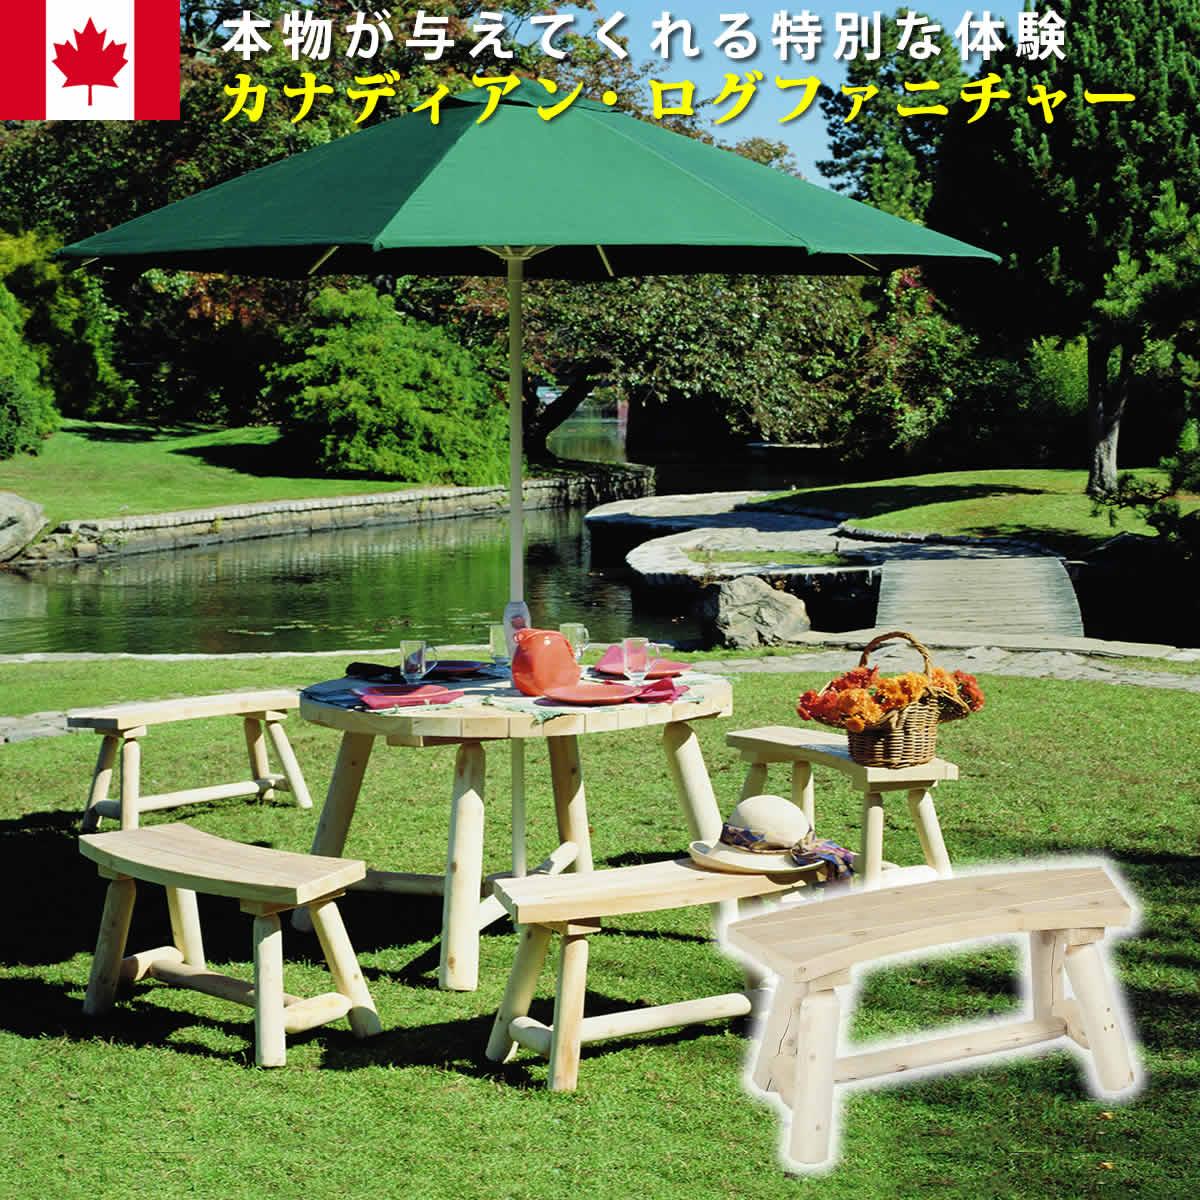 在庫限り!【送料無料】 丸太のベンチ! Cedar Looks 〔シダールックス〕 カーブベンチ ホワイトシダー